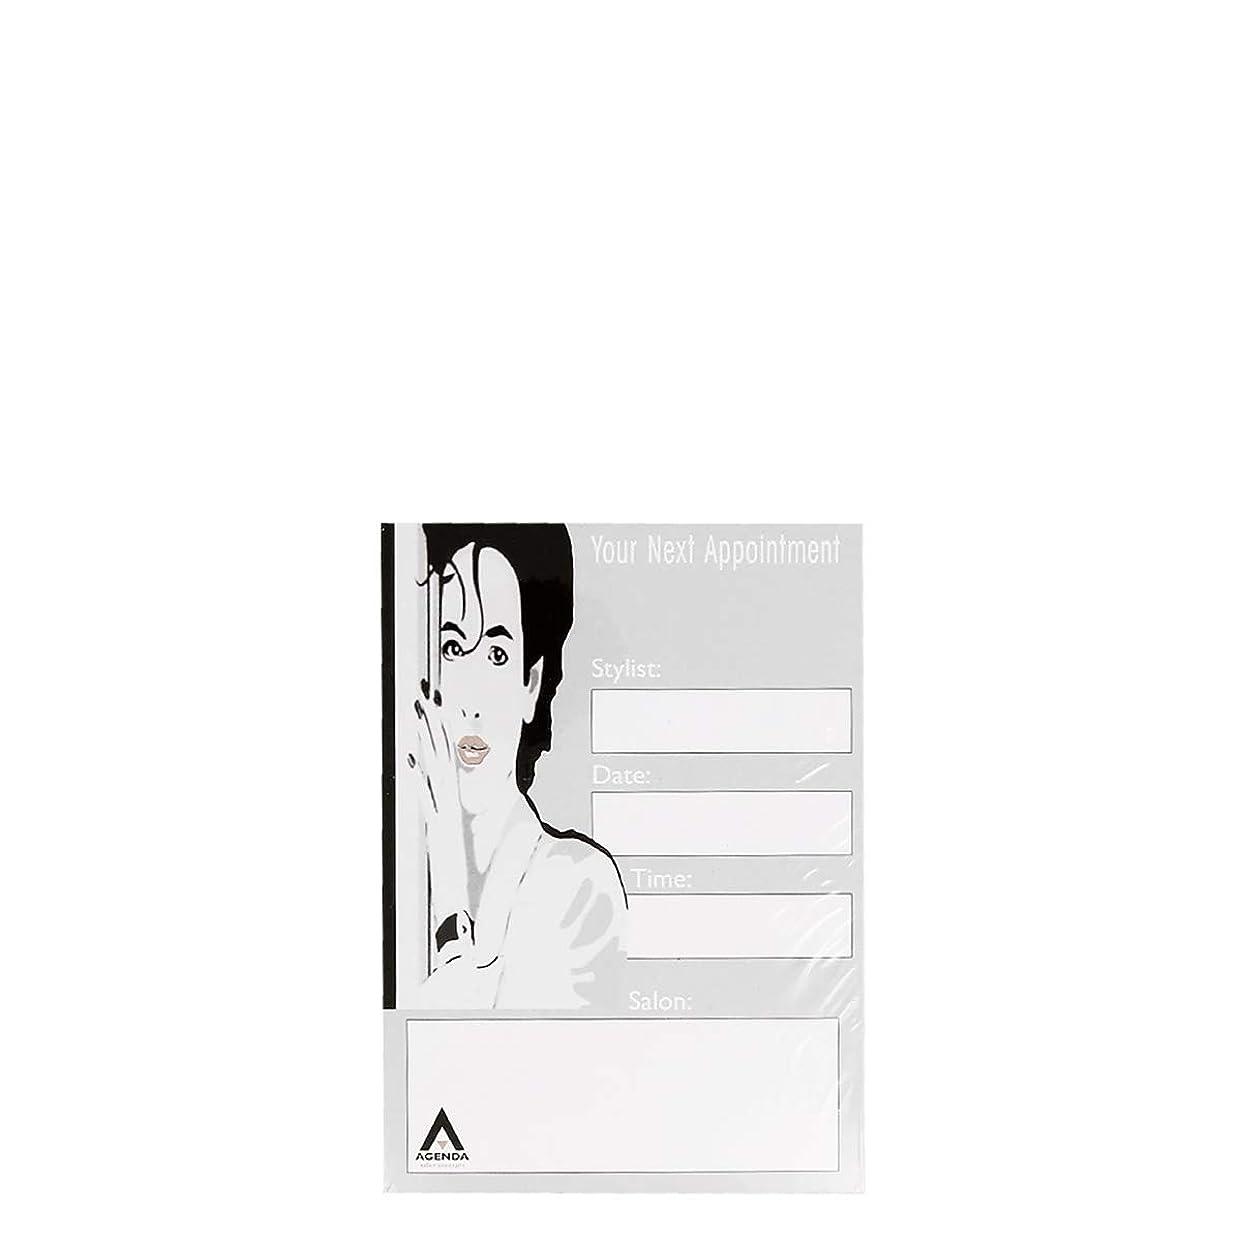 イサカ水平気になるアジェンダ サロンコンセプト ネイルアポイントメントカードAP1 x100[海外直送品] [並行輸入品]